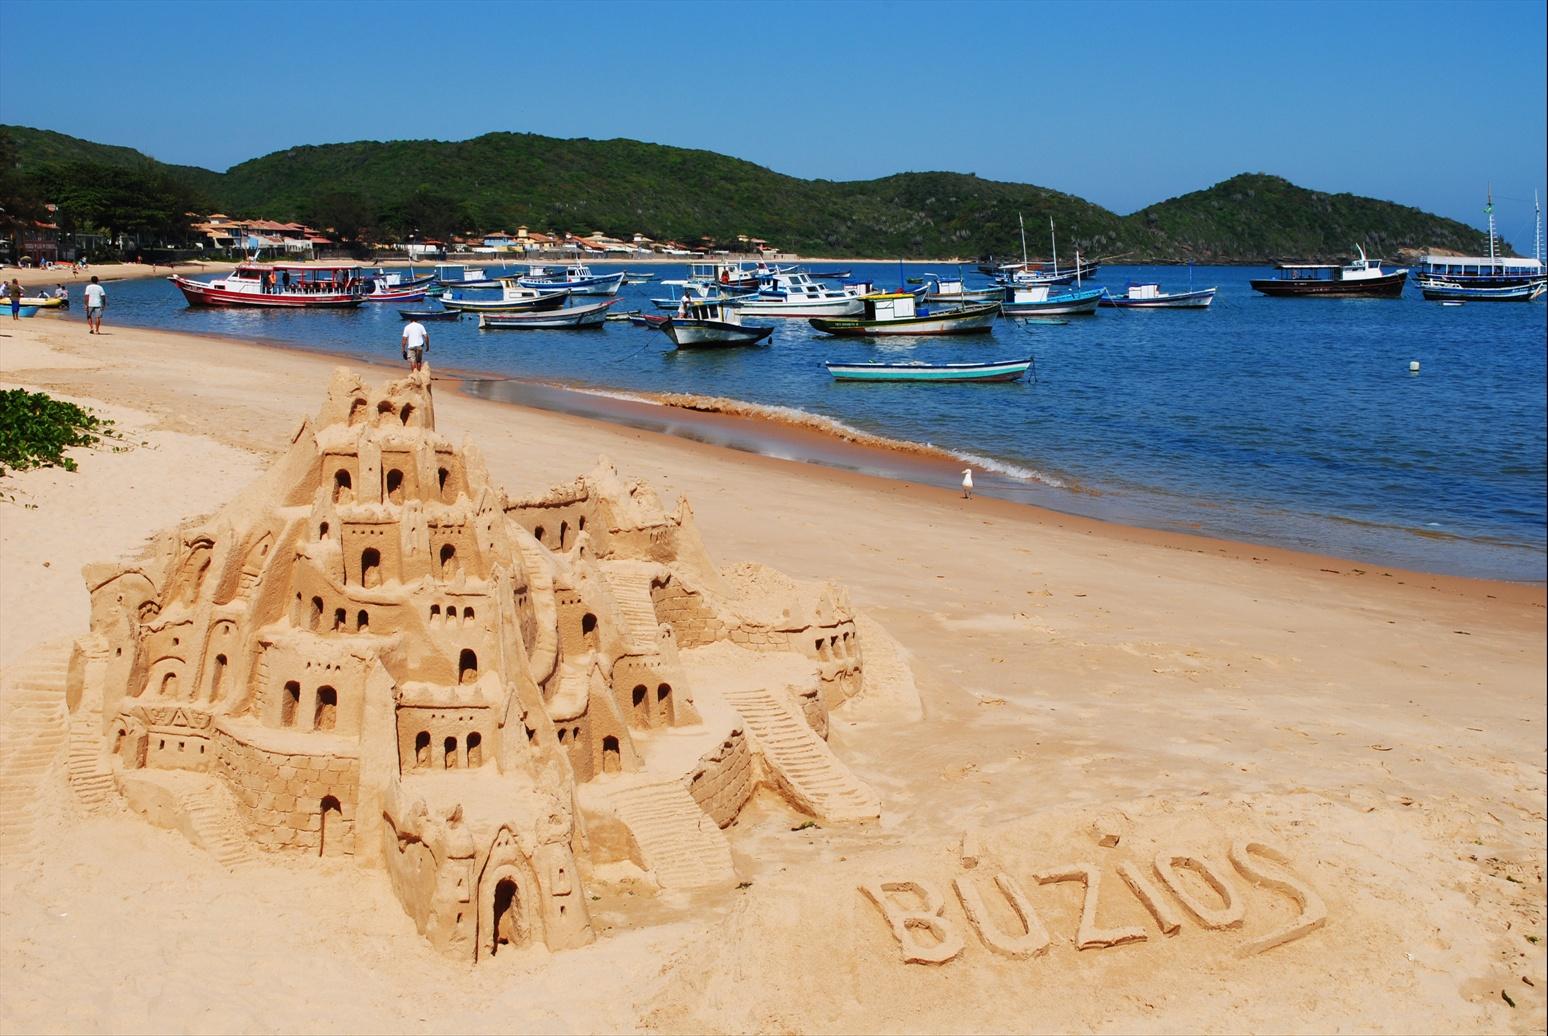 http://1.bp.blogspot.com/_cHZTePd5qy4/TQVIl-809DI/AAAAAAAAA8Q/FT-7EXhK214/s1600/Canto+Beach+Sandcastle+Buzios.JPG